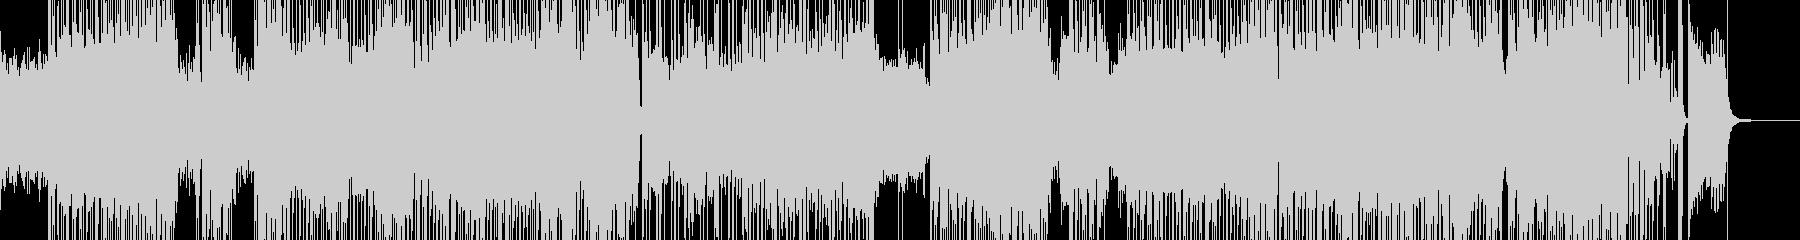 ハイテンションなシンセ・ハロウィンロックの未再生の波形